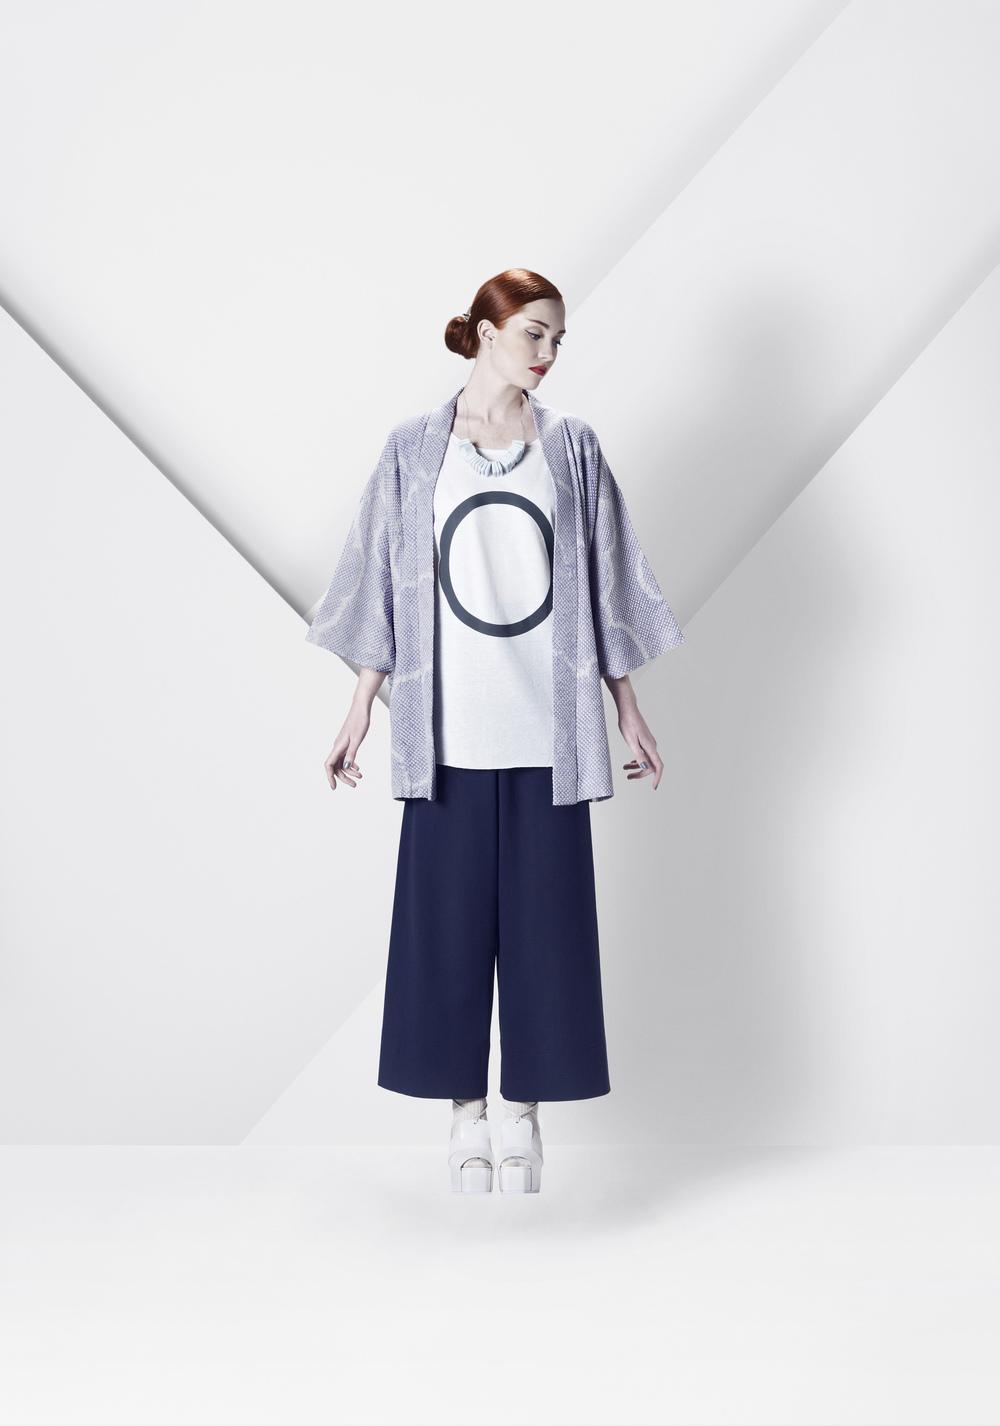 13_3_23_Kimono _0591_F3.jpg